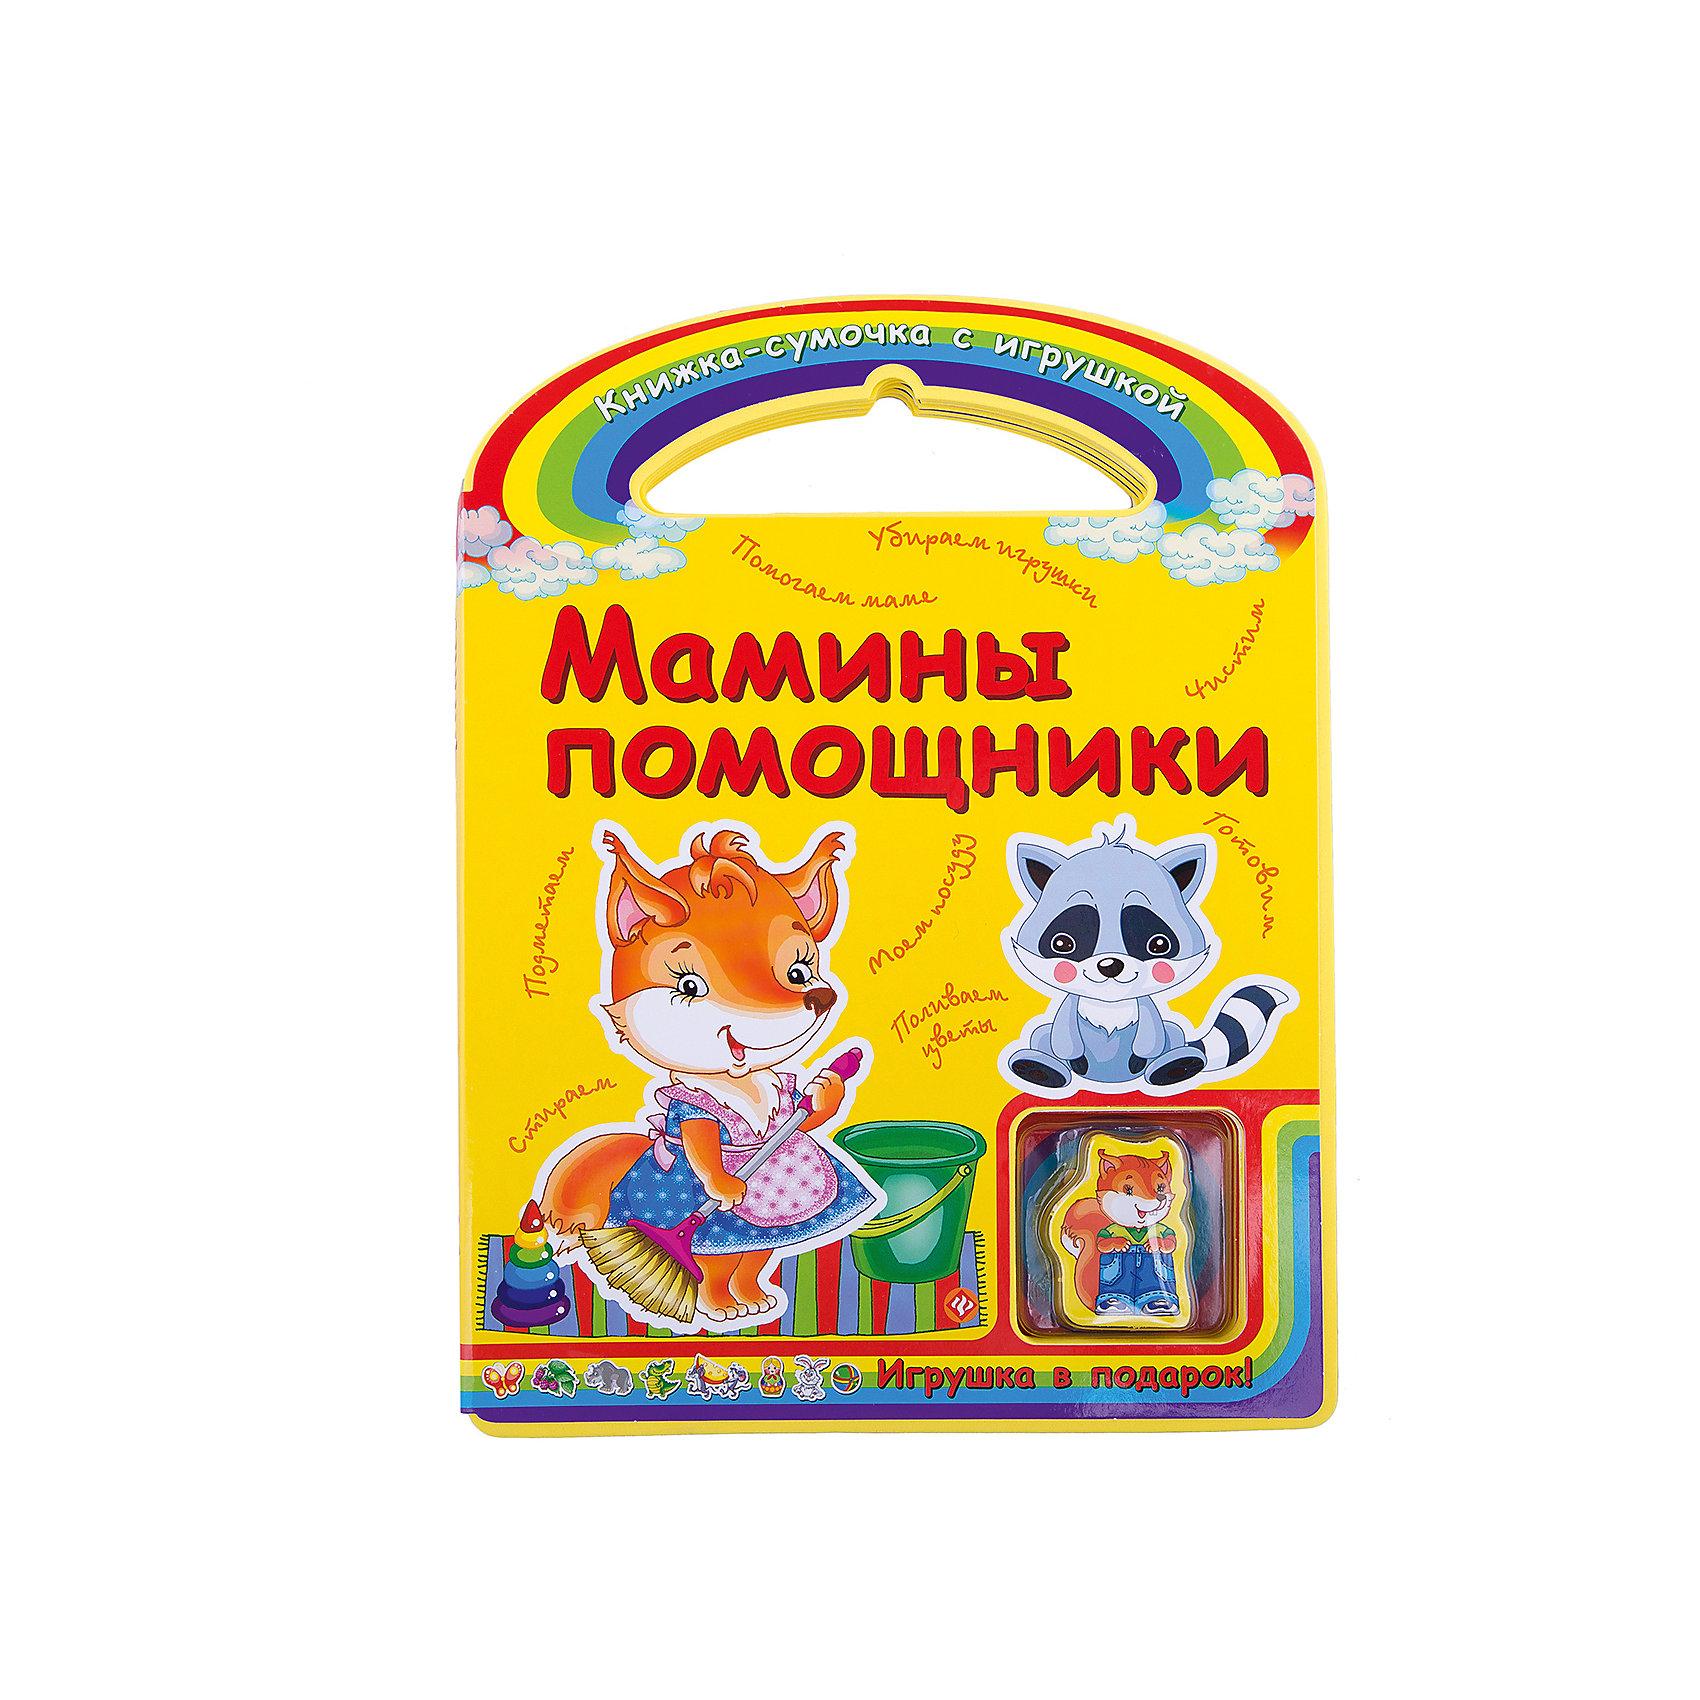 Мамины помощникиКрасочная книжка-игрушка Мамины помощники порадует Вашего малыша и поможет в игровой форме приучить его к труду и научит помогать взрослым по хозяйству. Книжка выполнена в виде сумочки с ручкой, за которую ее удобно носить. На каждой страничке яркие веселые<br>картинки и добрые стихи о том, как зверюшки помогают своим мамам. Странички изготовлены из плотного ламинированного картона, ребенок не сможет порвать или повредить их. В комплект входит подарочная игрушка - фигурка симпатичного лисенка.<br><br><br>Дополнительная информация:<br><br>- Автор: С. А. Гордиенко.<br>- Серия: Книжка-сумочка с игрушкой.<br>- Обложка: картон.<br>- Иллюстрации: цветные.<br>- Объем: 10 стр. (ПВХ).<br>- Размер: 29 x 2,5 x 22,2 см.<br>- Вес: 0,336 кг.<br><br>Книгу Мамины помощники, Феникс-Премьер, можно купить в нашем интернет-магазине.<br><br>Ширина мм: 290<br>Глубина мм: 221<br>Высота мм: 25<br>Вес г: 2720<br>Возраст от месяцев: 24<br>Возраст до месяцев: 72<br>Пол: Унисекс<br>Возраст: Детский<br>SKU: 4771386